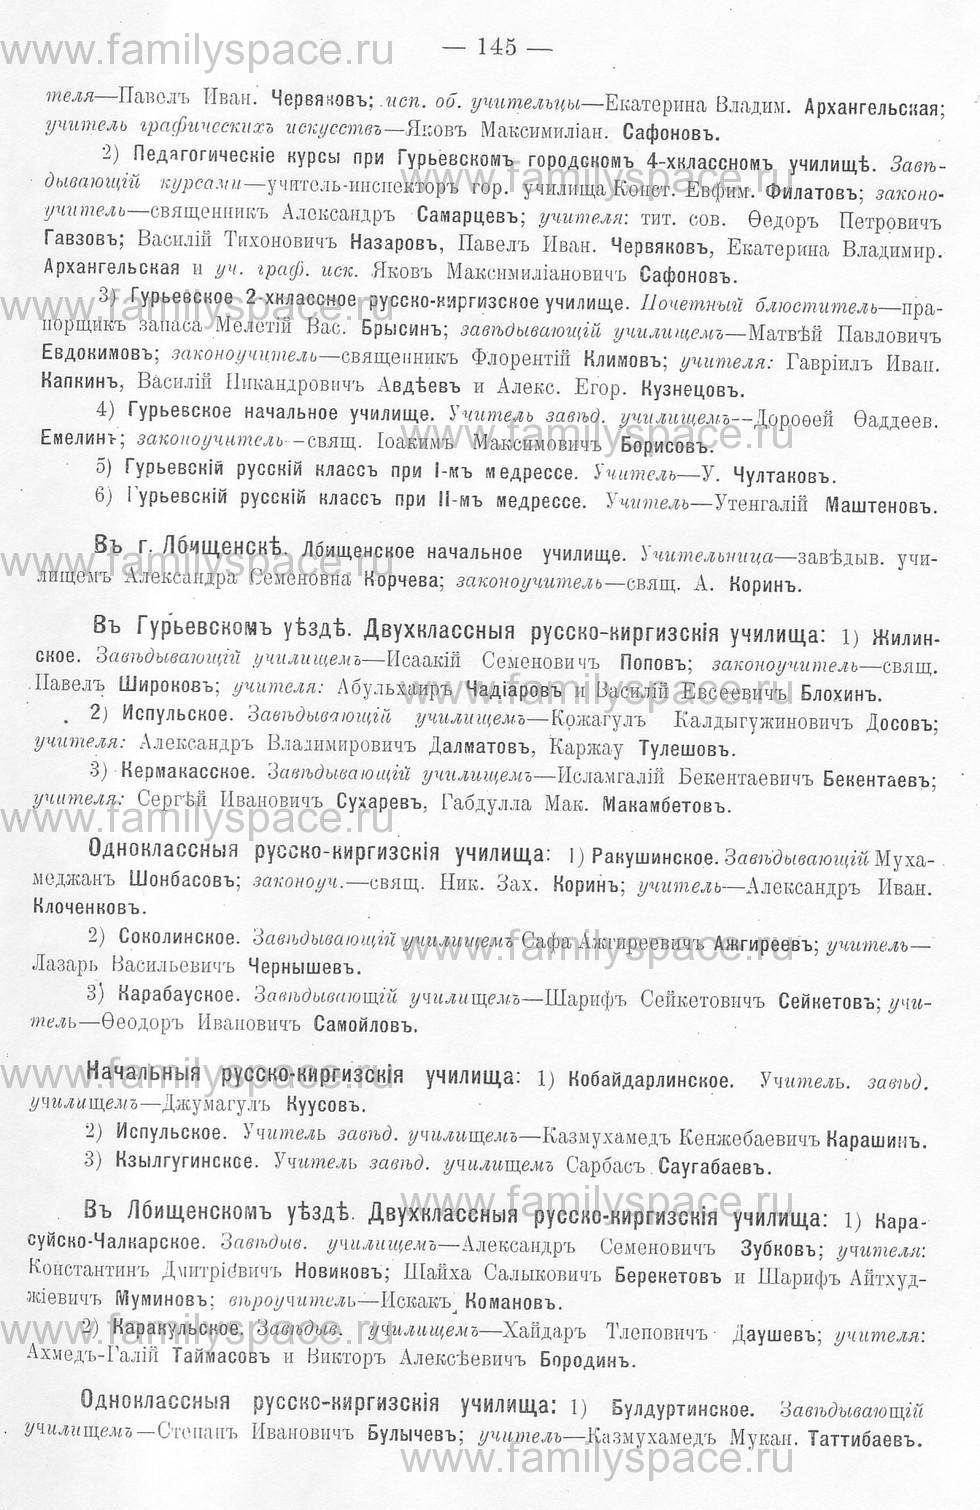 Поиск по фамилии - Памятная книжка Уральской области на 1913 год, страница 145